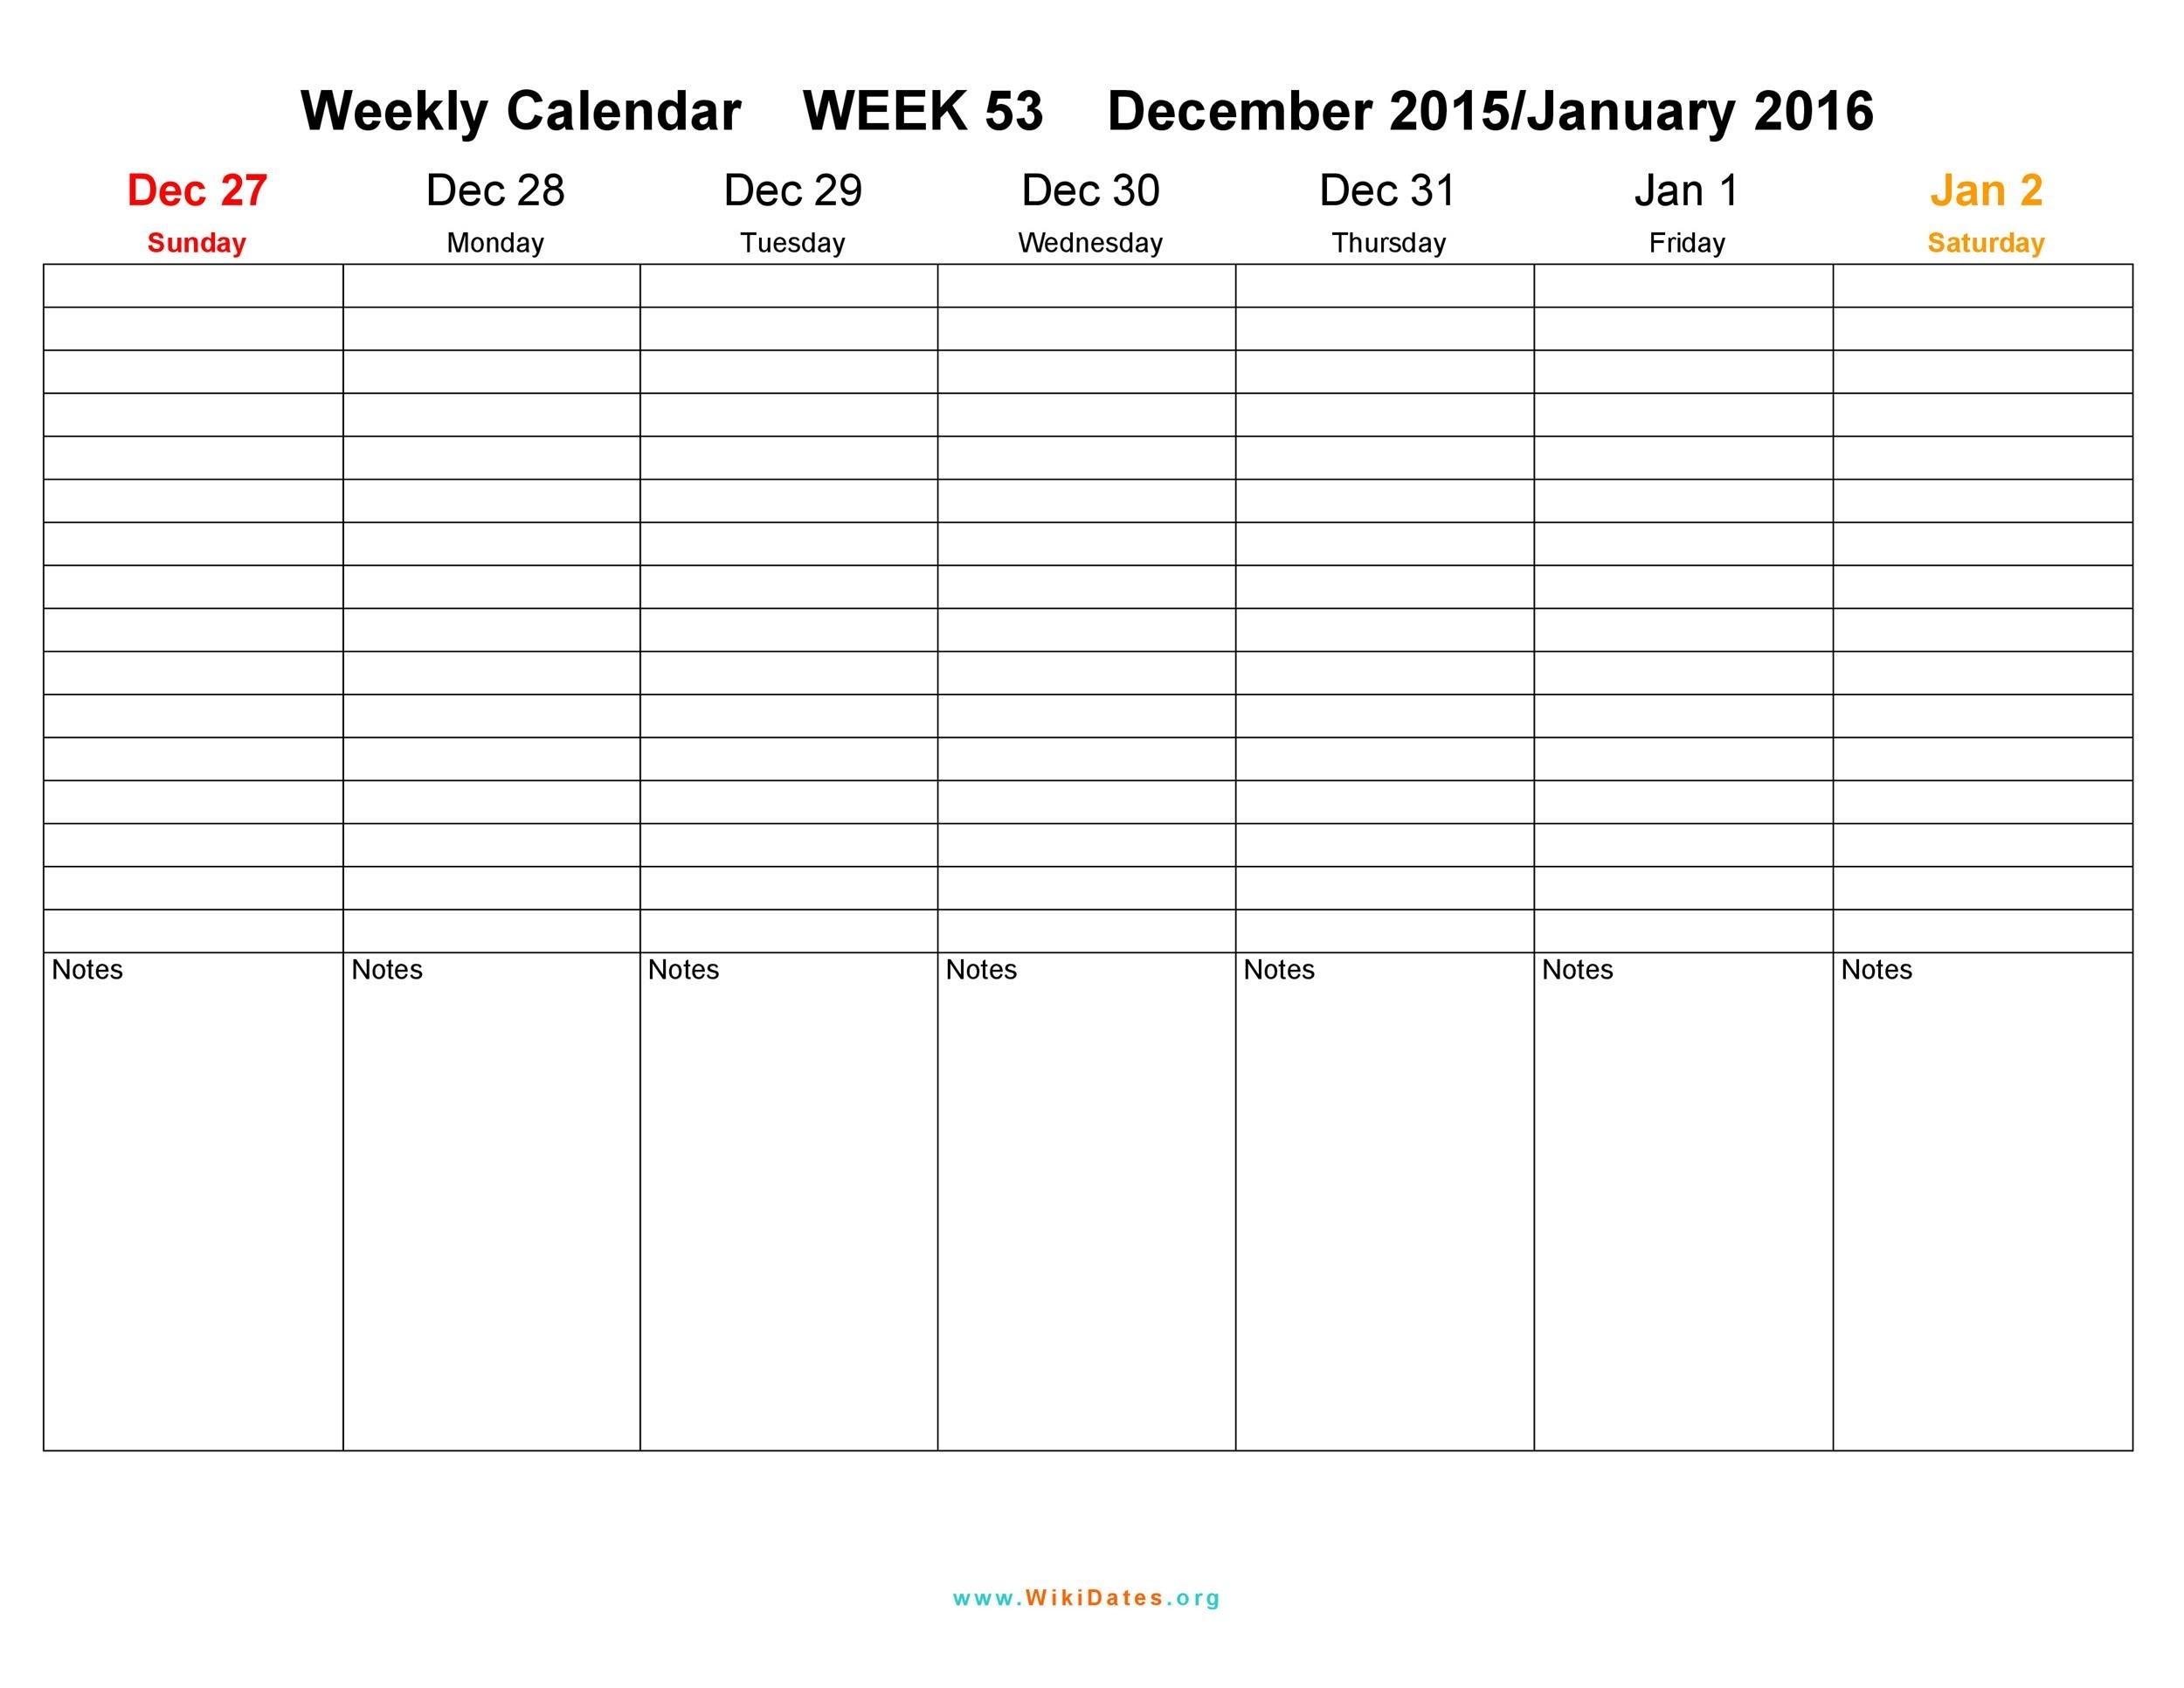 26 Blank Weekly Calendar Templates [Pdf, Excel, Word] ᐅ Calendar Template One Week